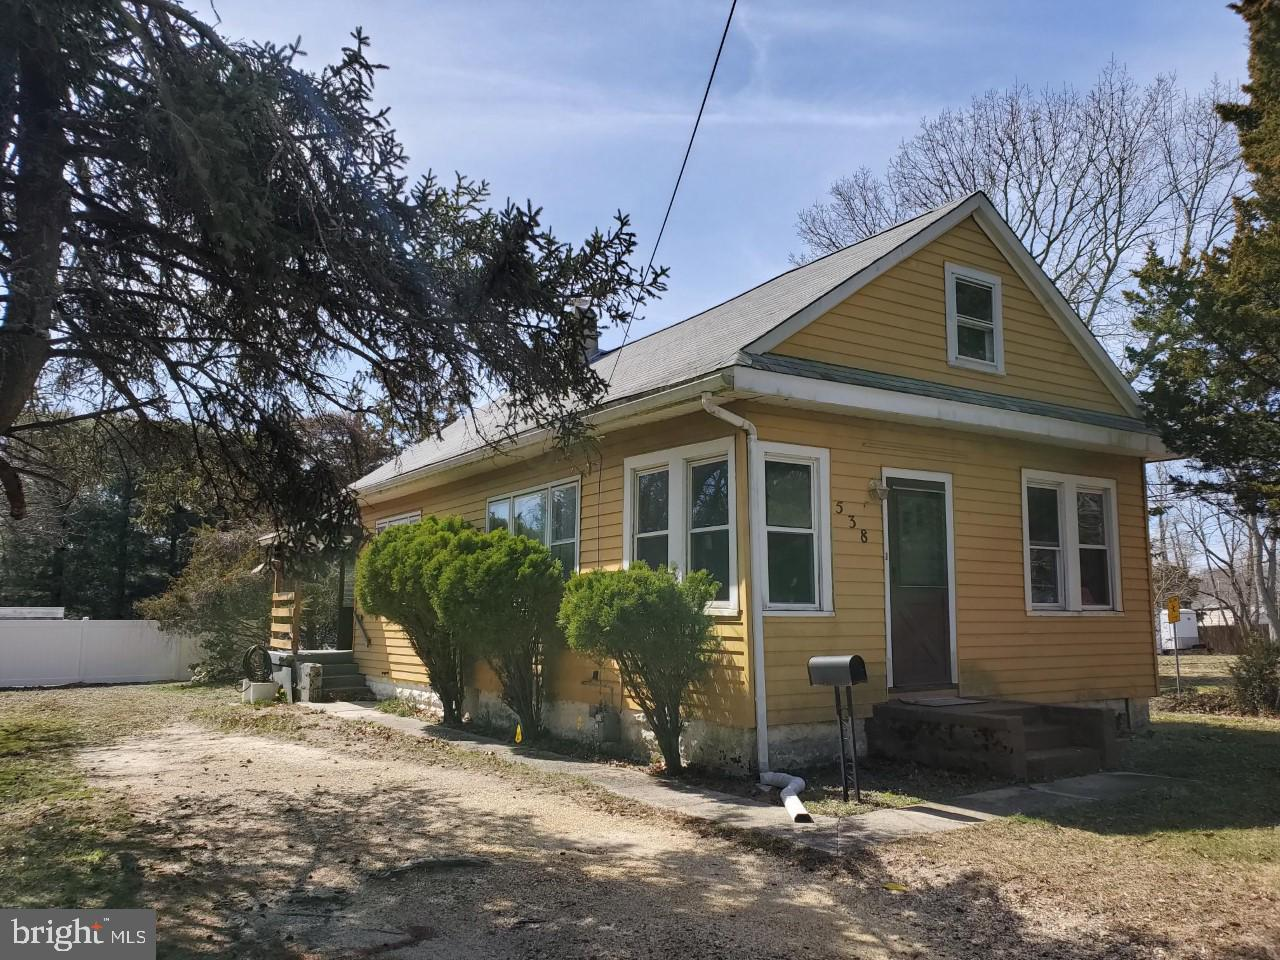 Частный односемейный дом для того Продажа на 538 WALNUT Avenue Northfield, Нью-Джерси 08225 Соединенные Штаты